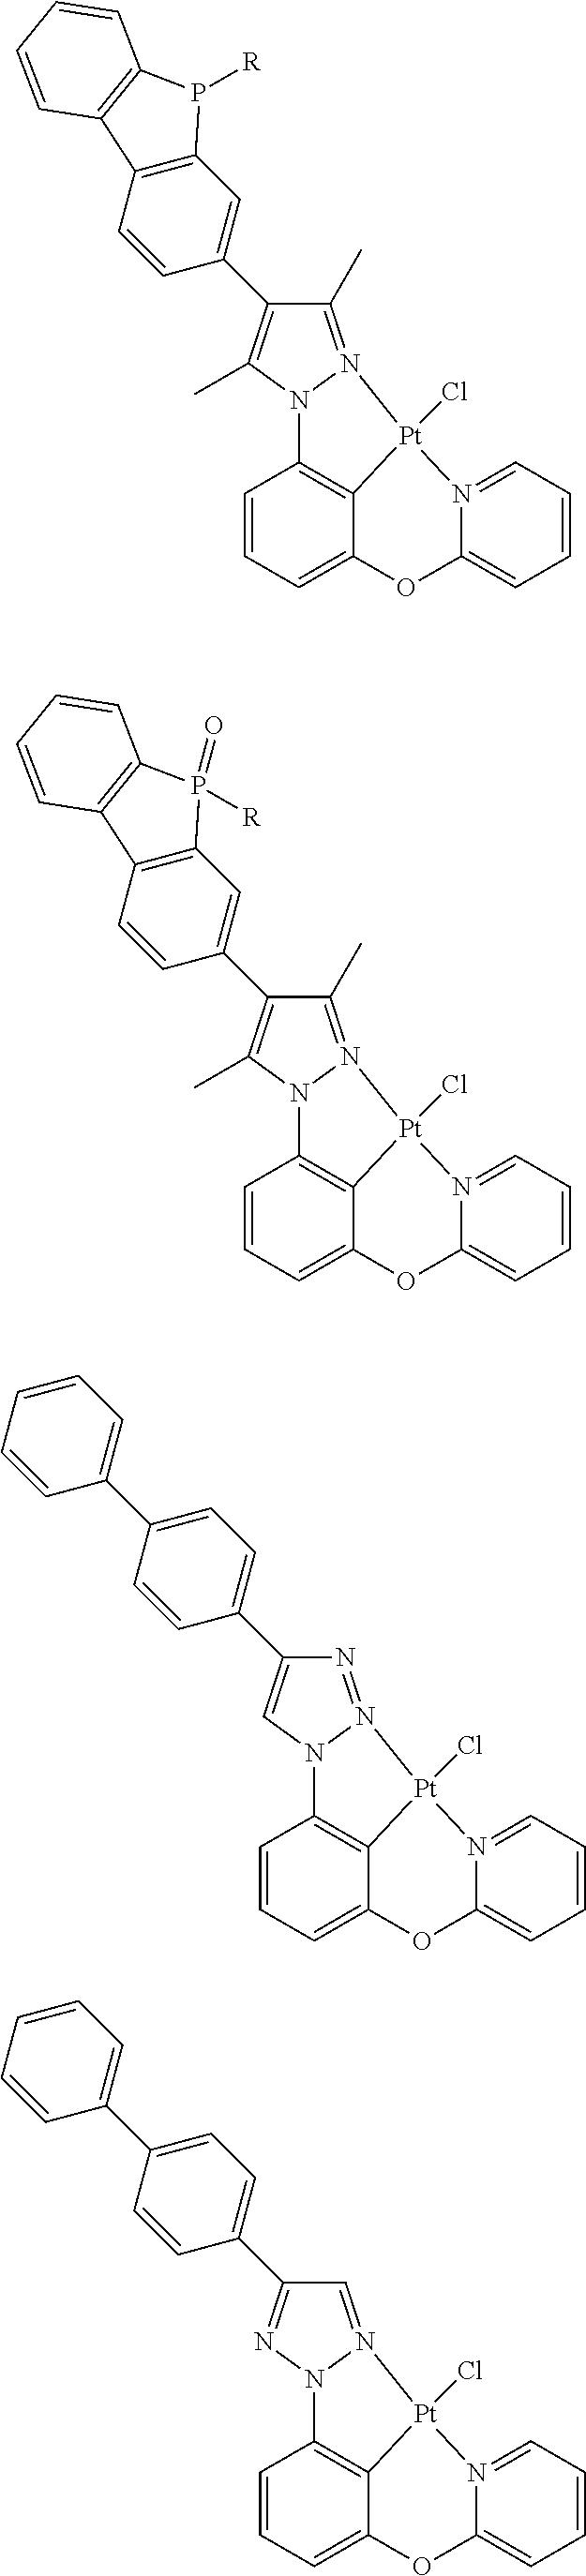 Figure US09818959-20171114-C00126